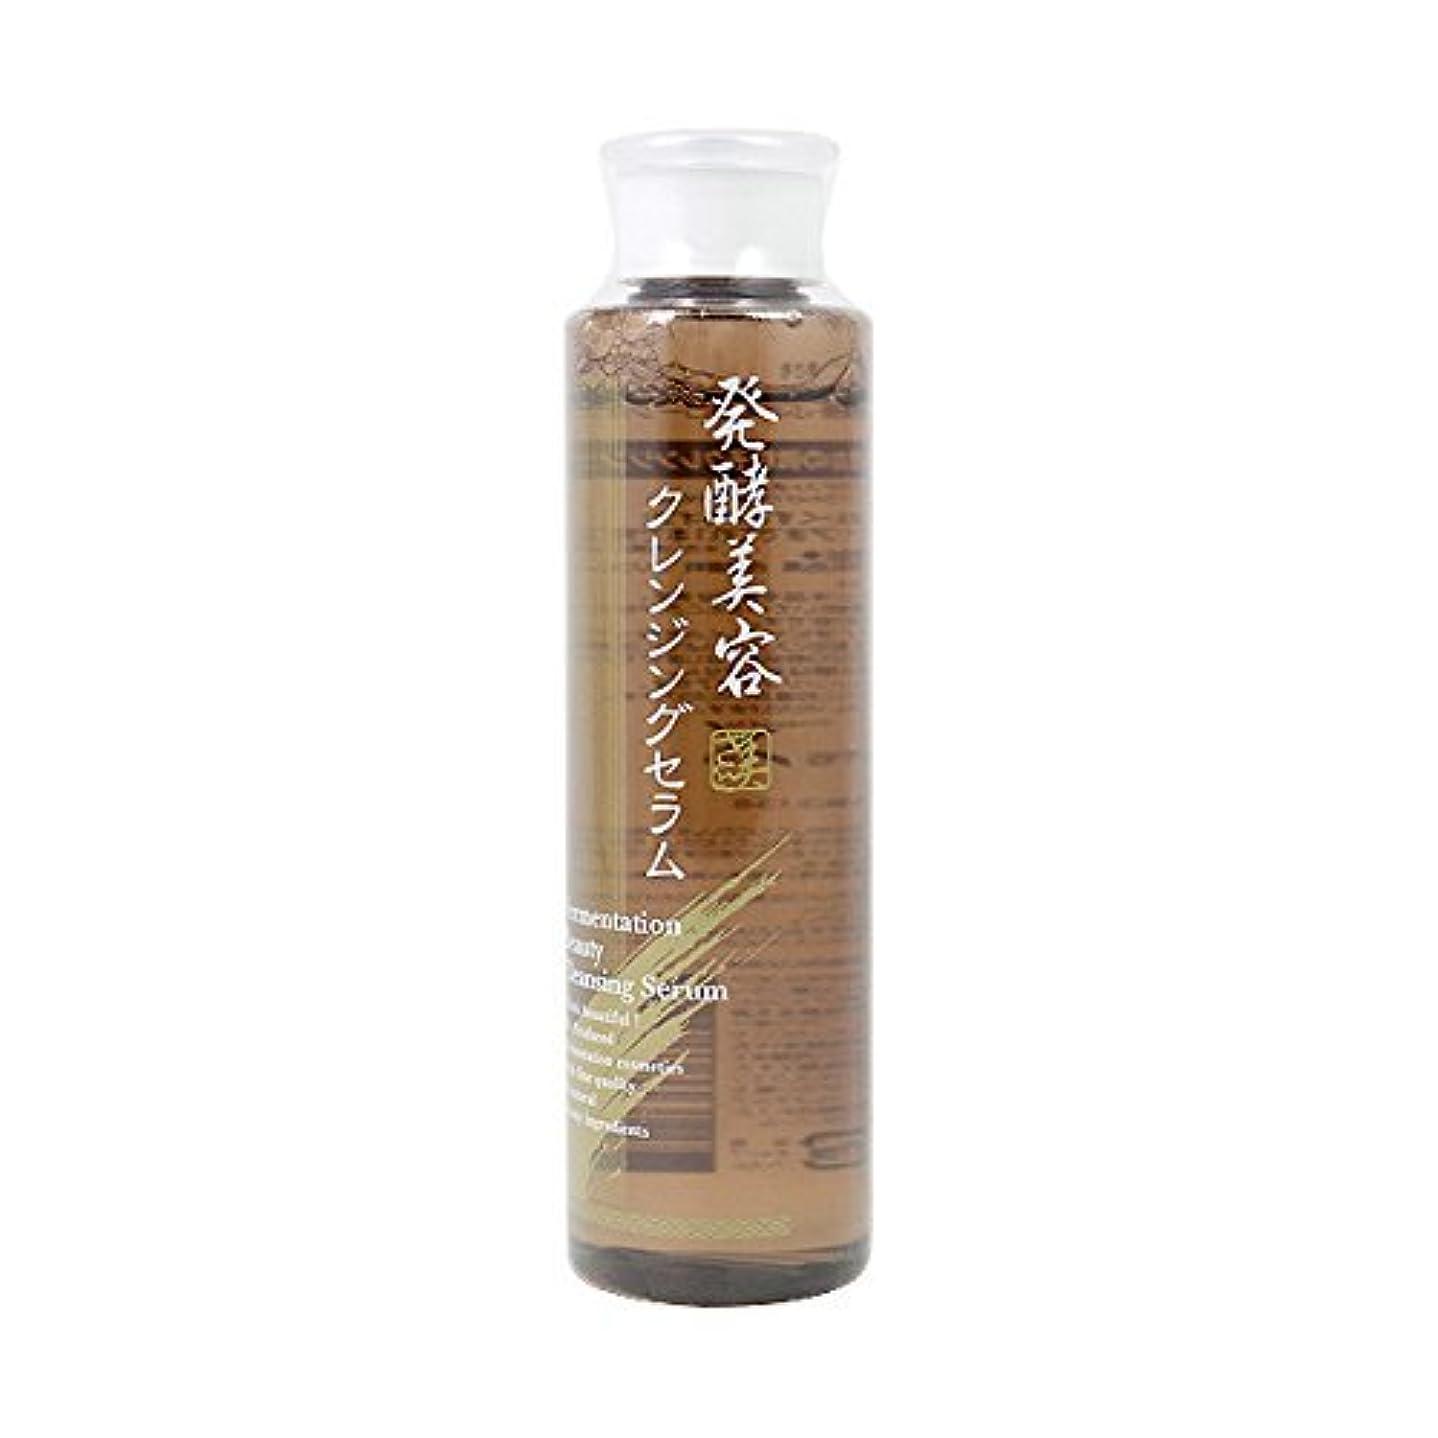 適応する別れるトレッドシーヴァ 発酵美容 クレンジングセラム 200ml